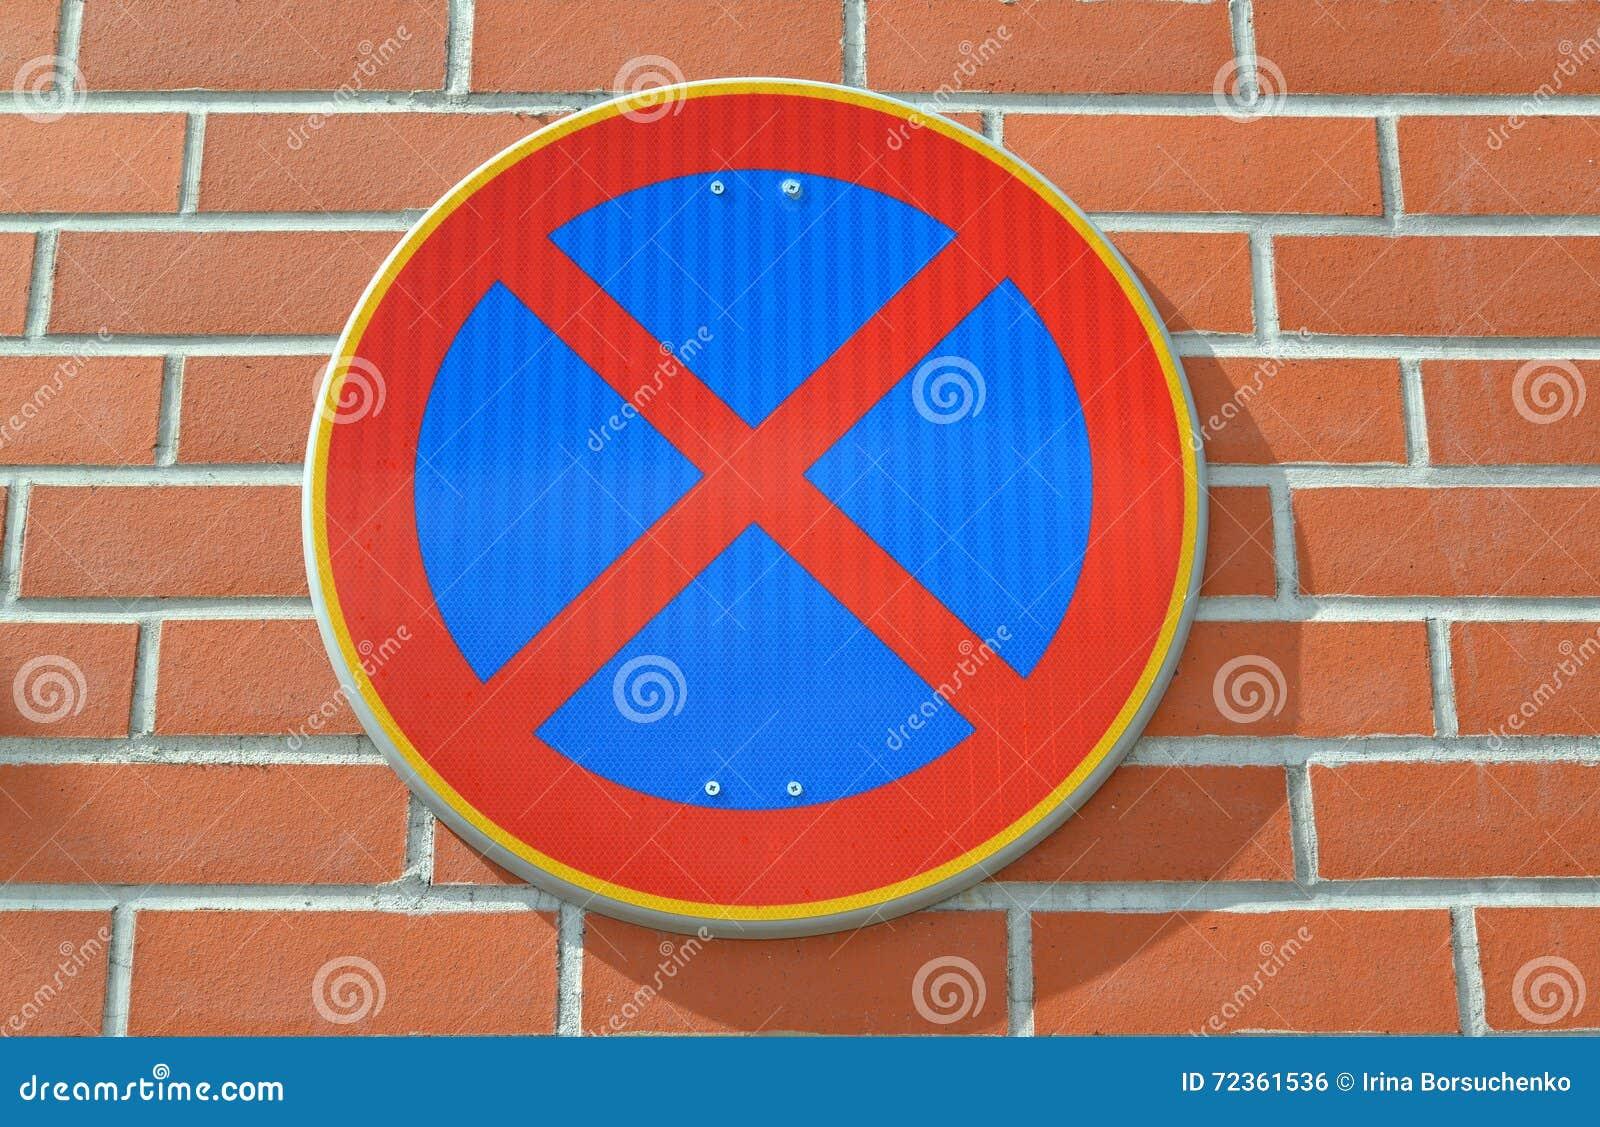 中止禁止的路标是固定的在红砖墙壁上